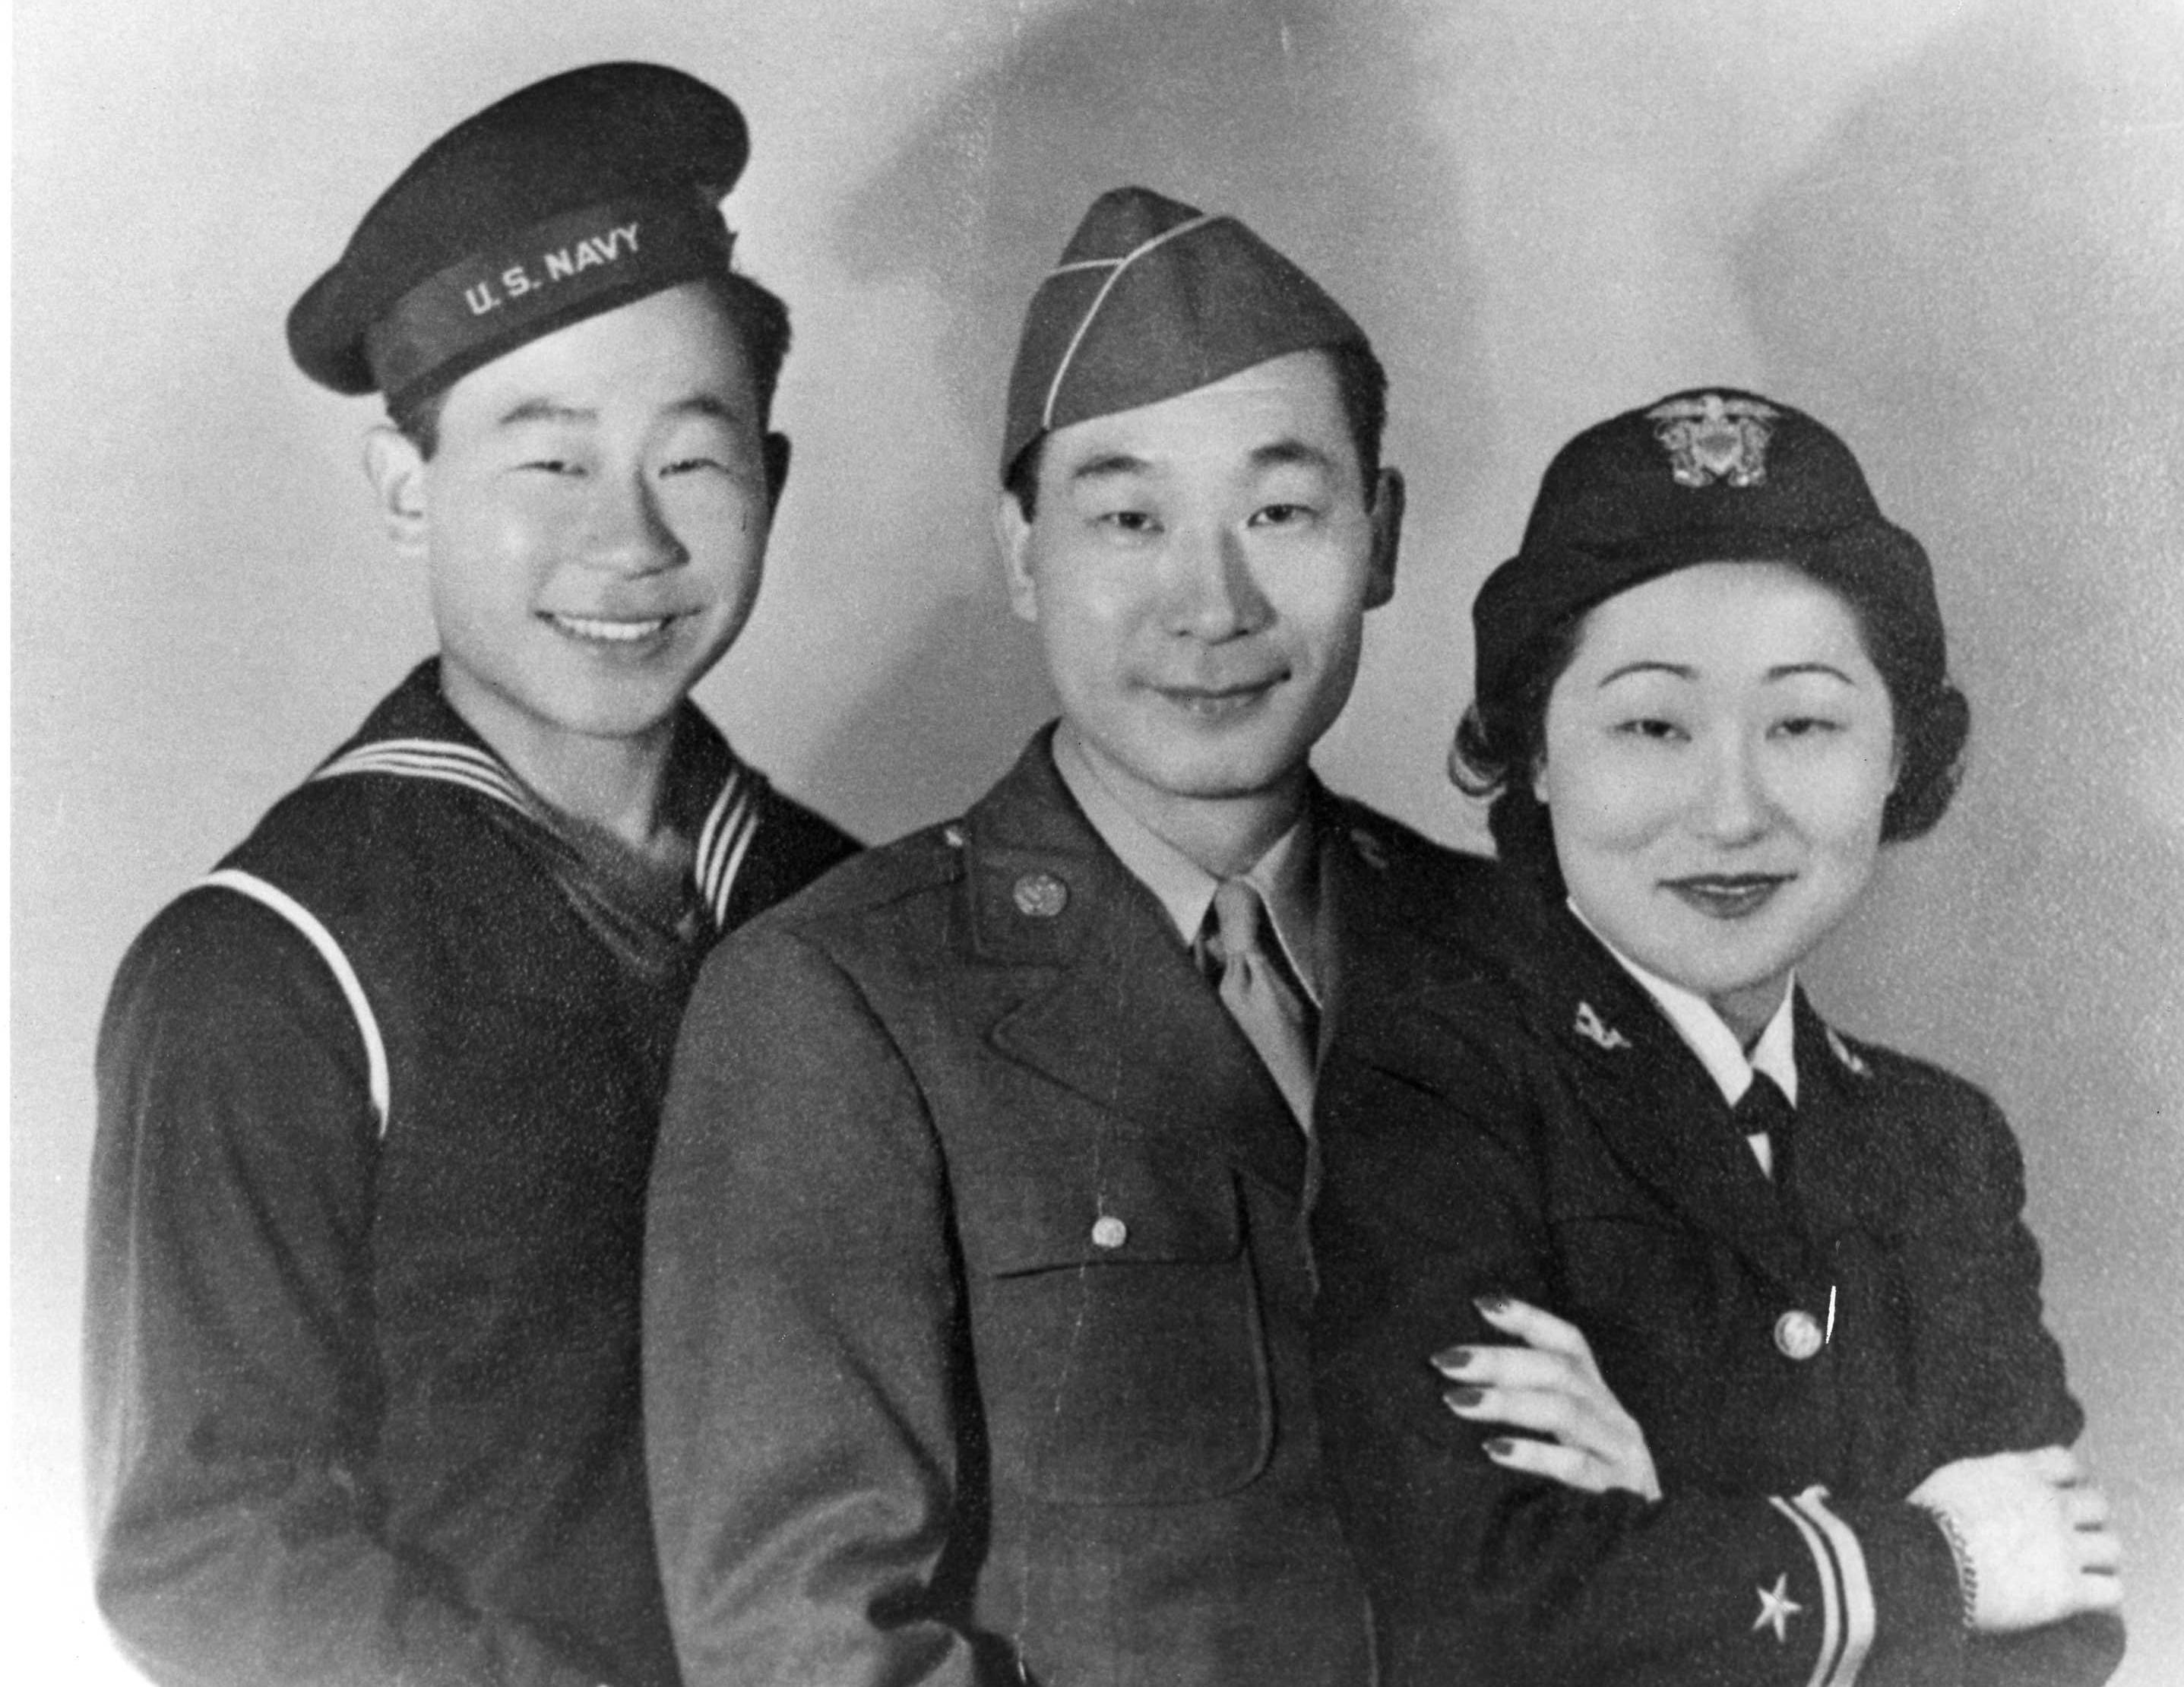 미군에 입대한 도산의 자녀들 왼쪽 공군 Ralph Ahn, 육군 안필립, 해군 안수산